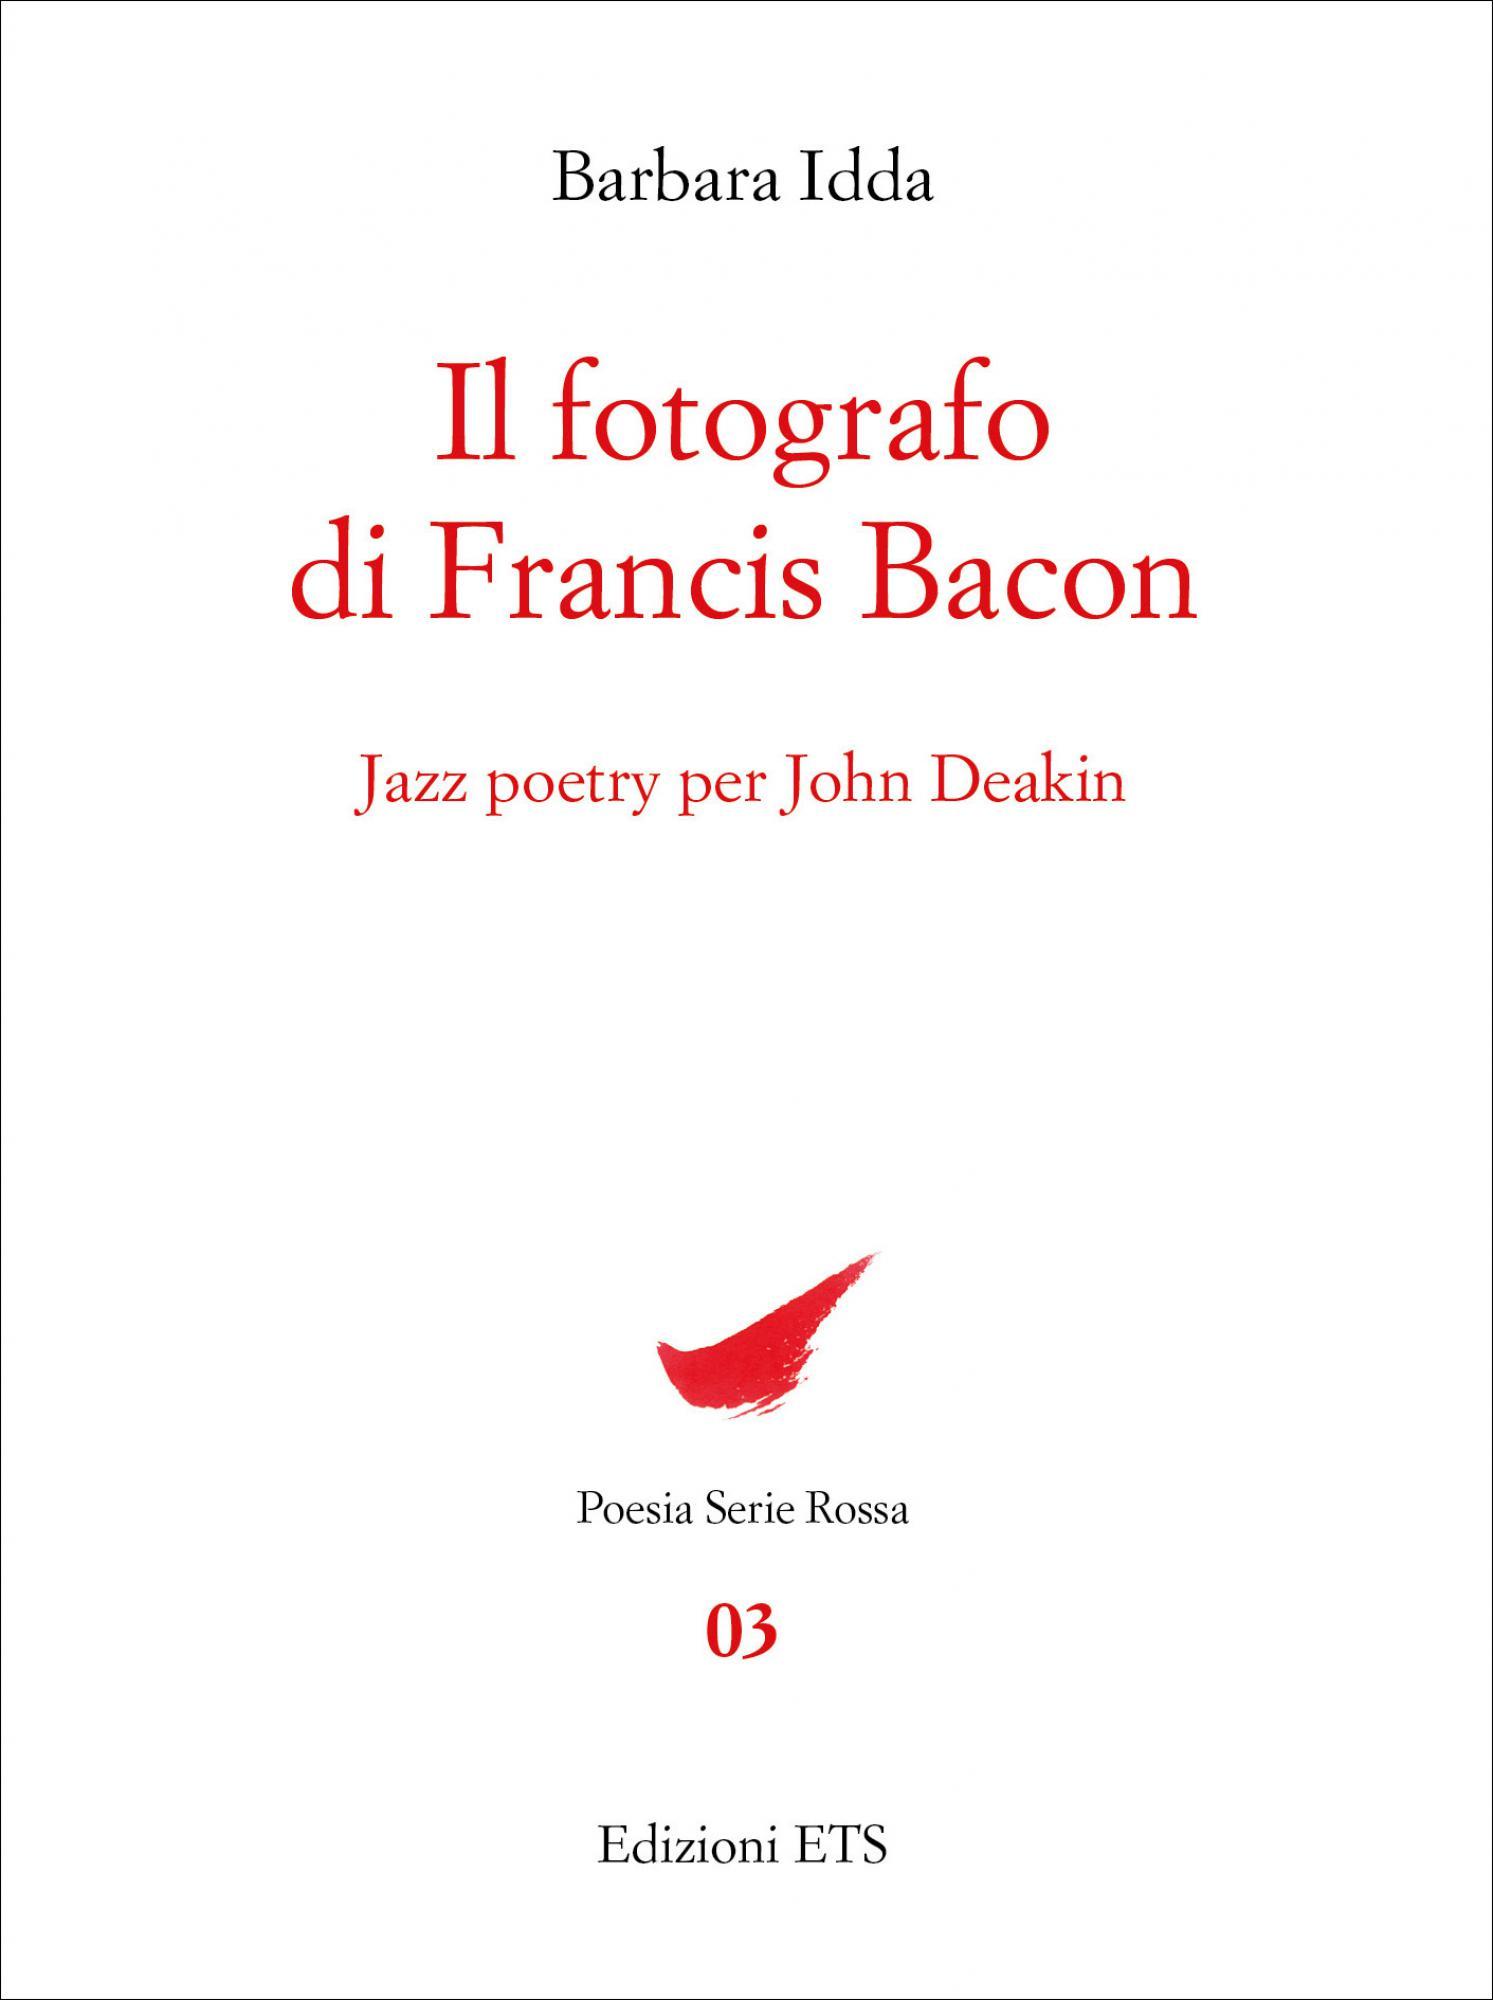 Il fotografo <br />di Francis Bacon.Jazz poetry per John Deakin